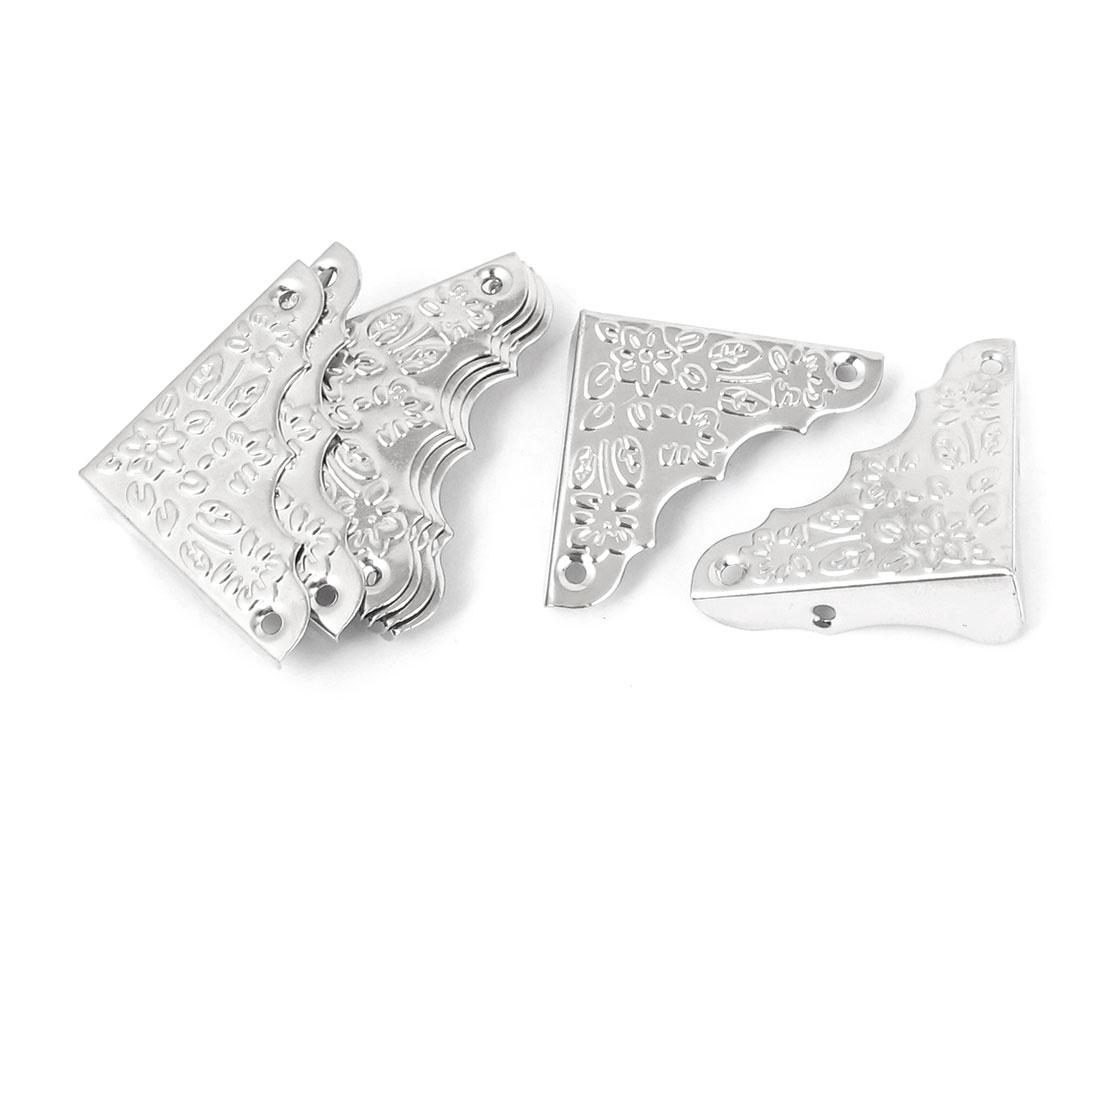 desk cover box corner angle brackets protector guard silver tone 8pcs